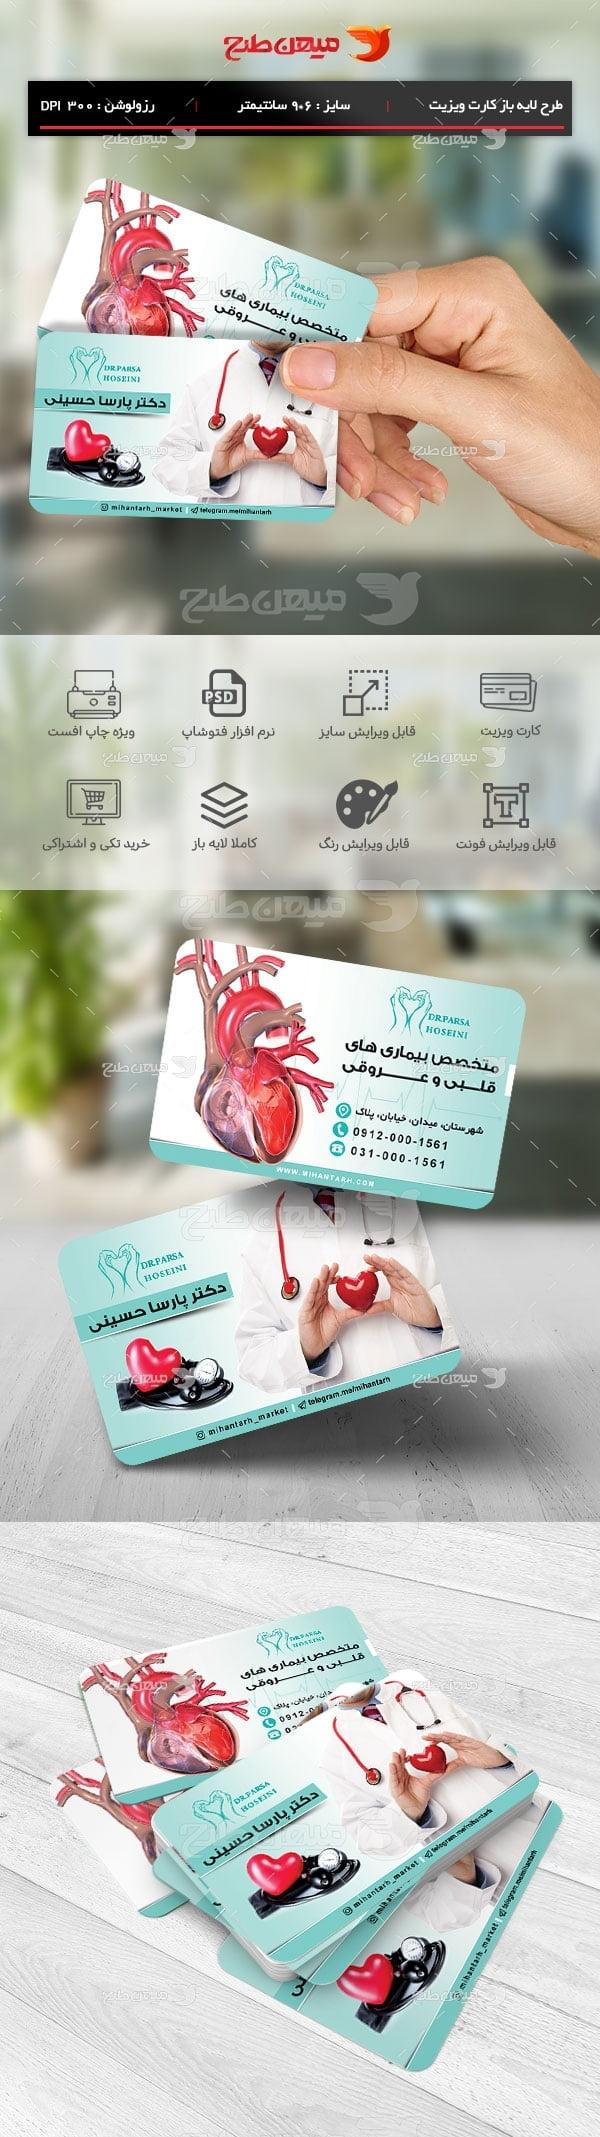 طرح لایه باز کارت ویزیت جراح و متخصص قلب